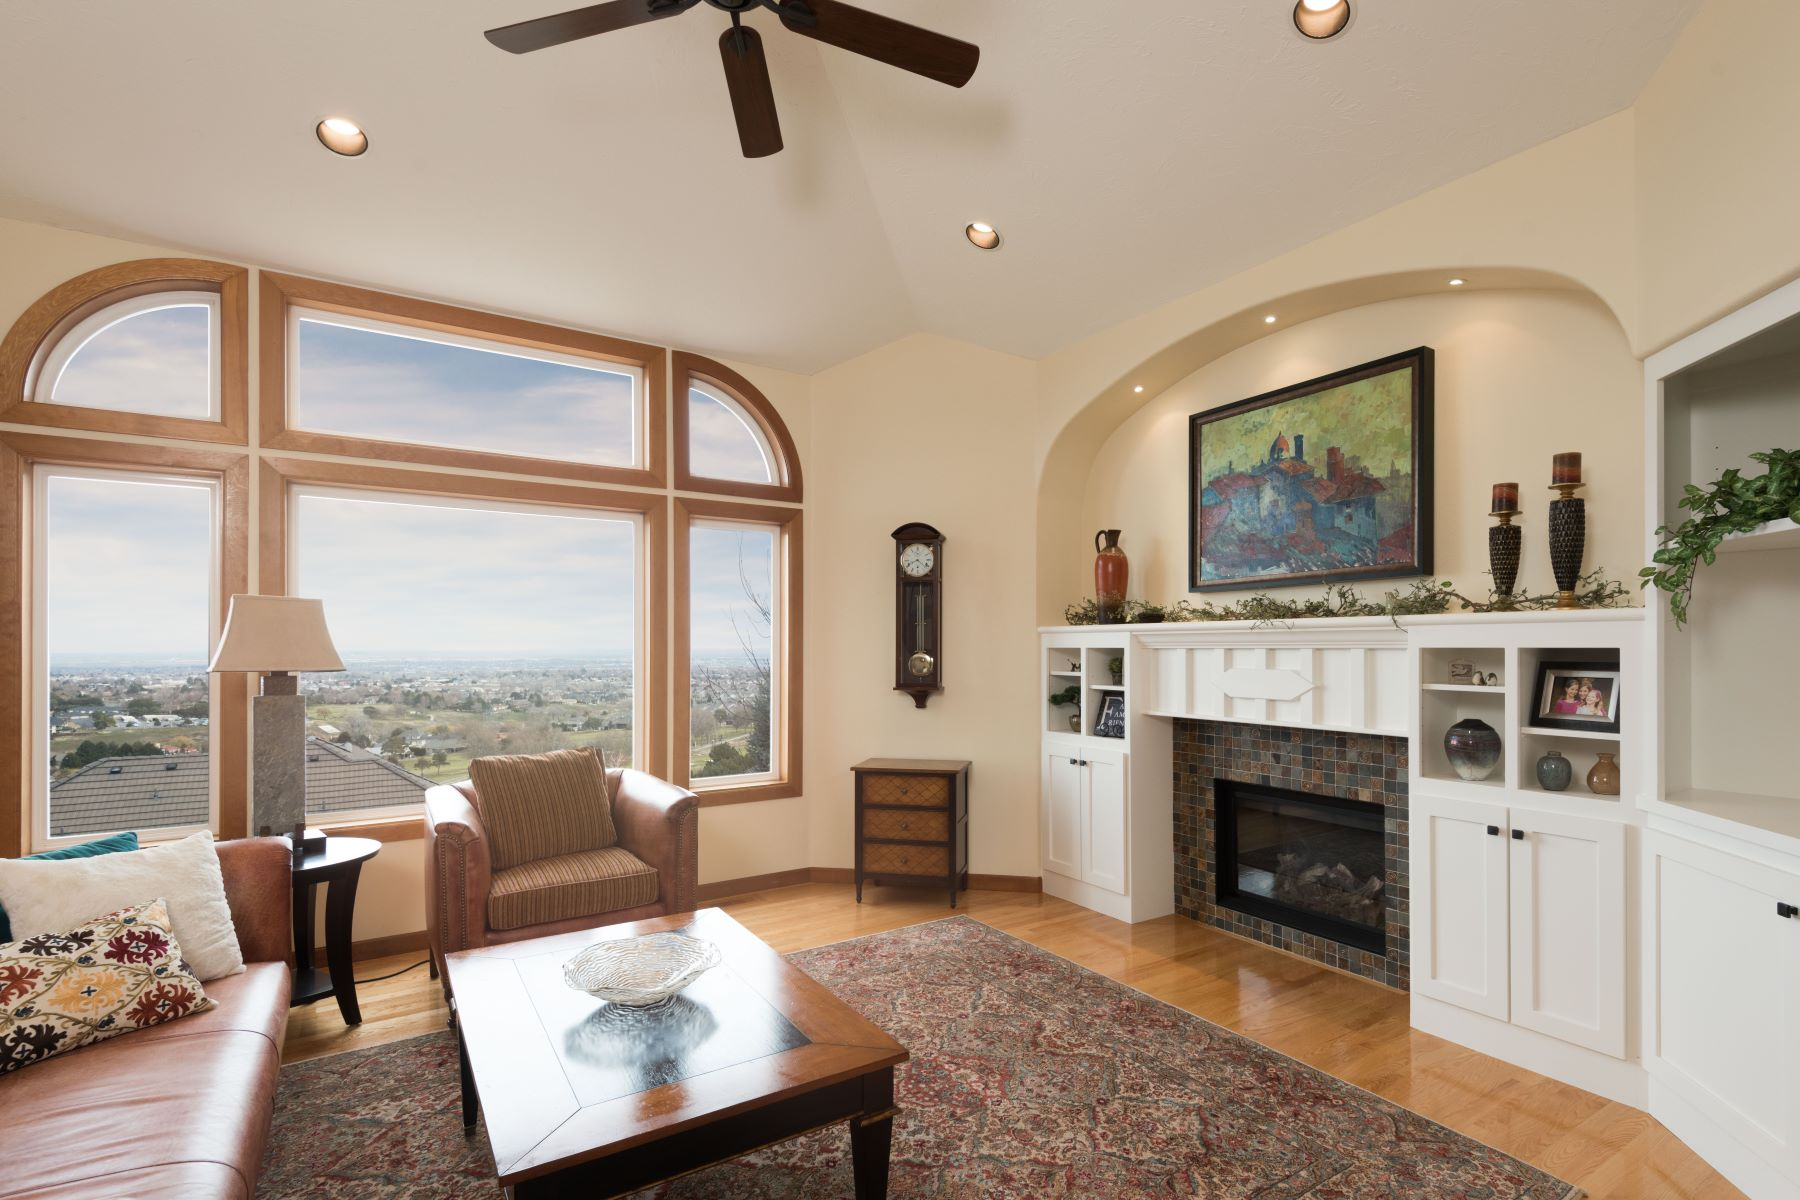 Maison unifamiliale pour l Vente à Best view in town! 3900 W. 43rd Ave Kennewick, Washington 99337 États-Unis